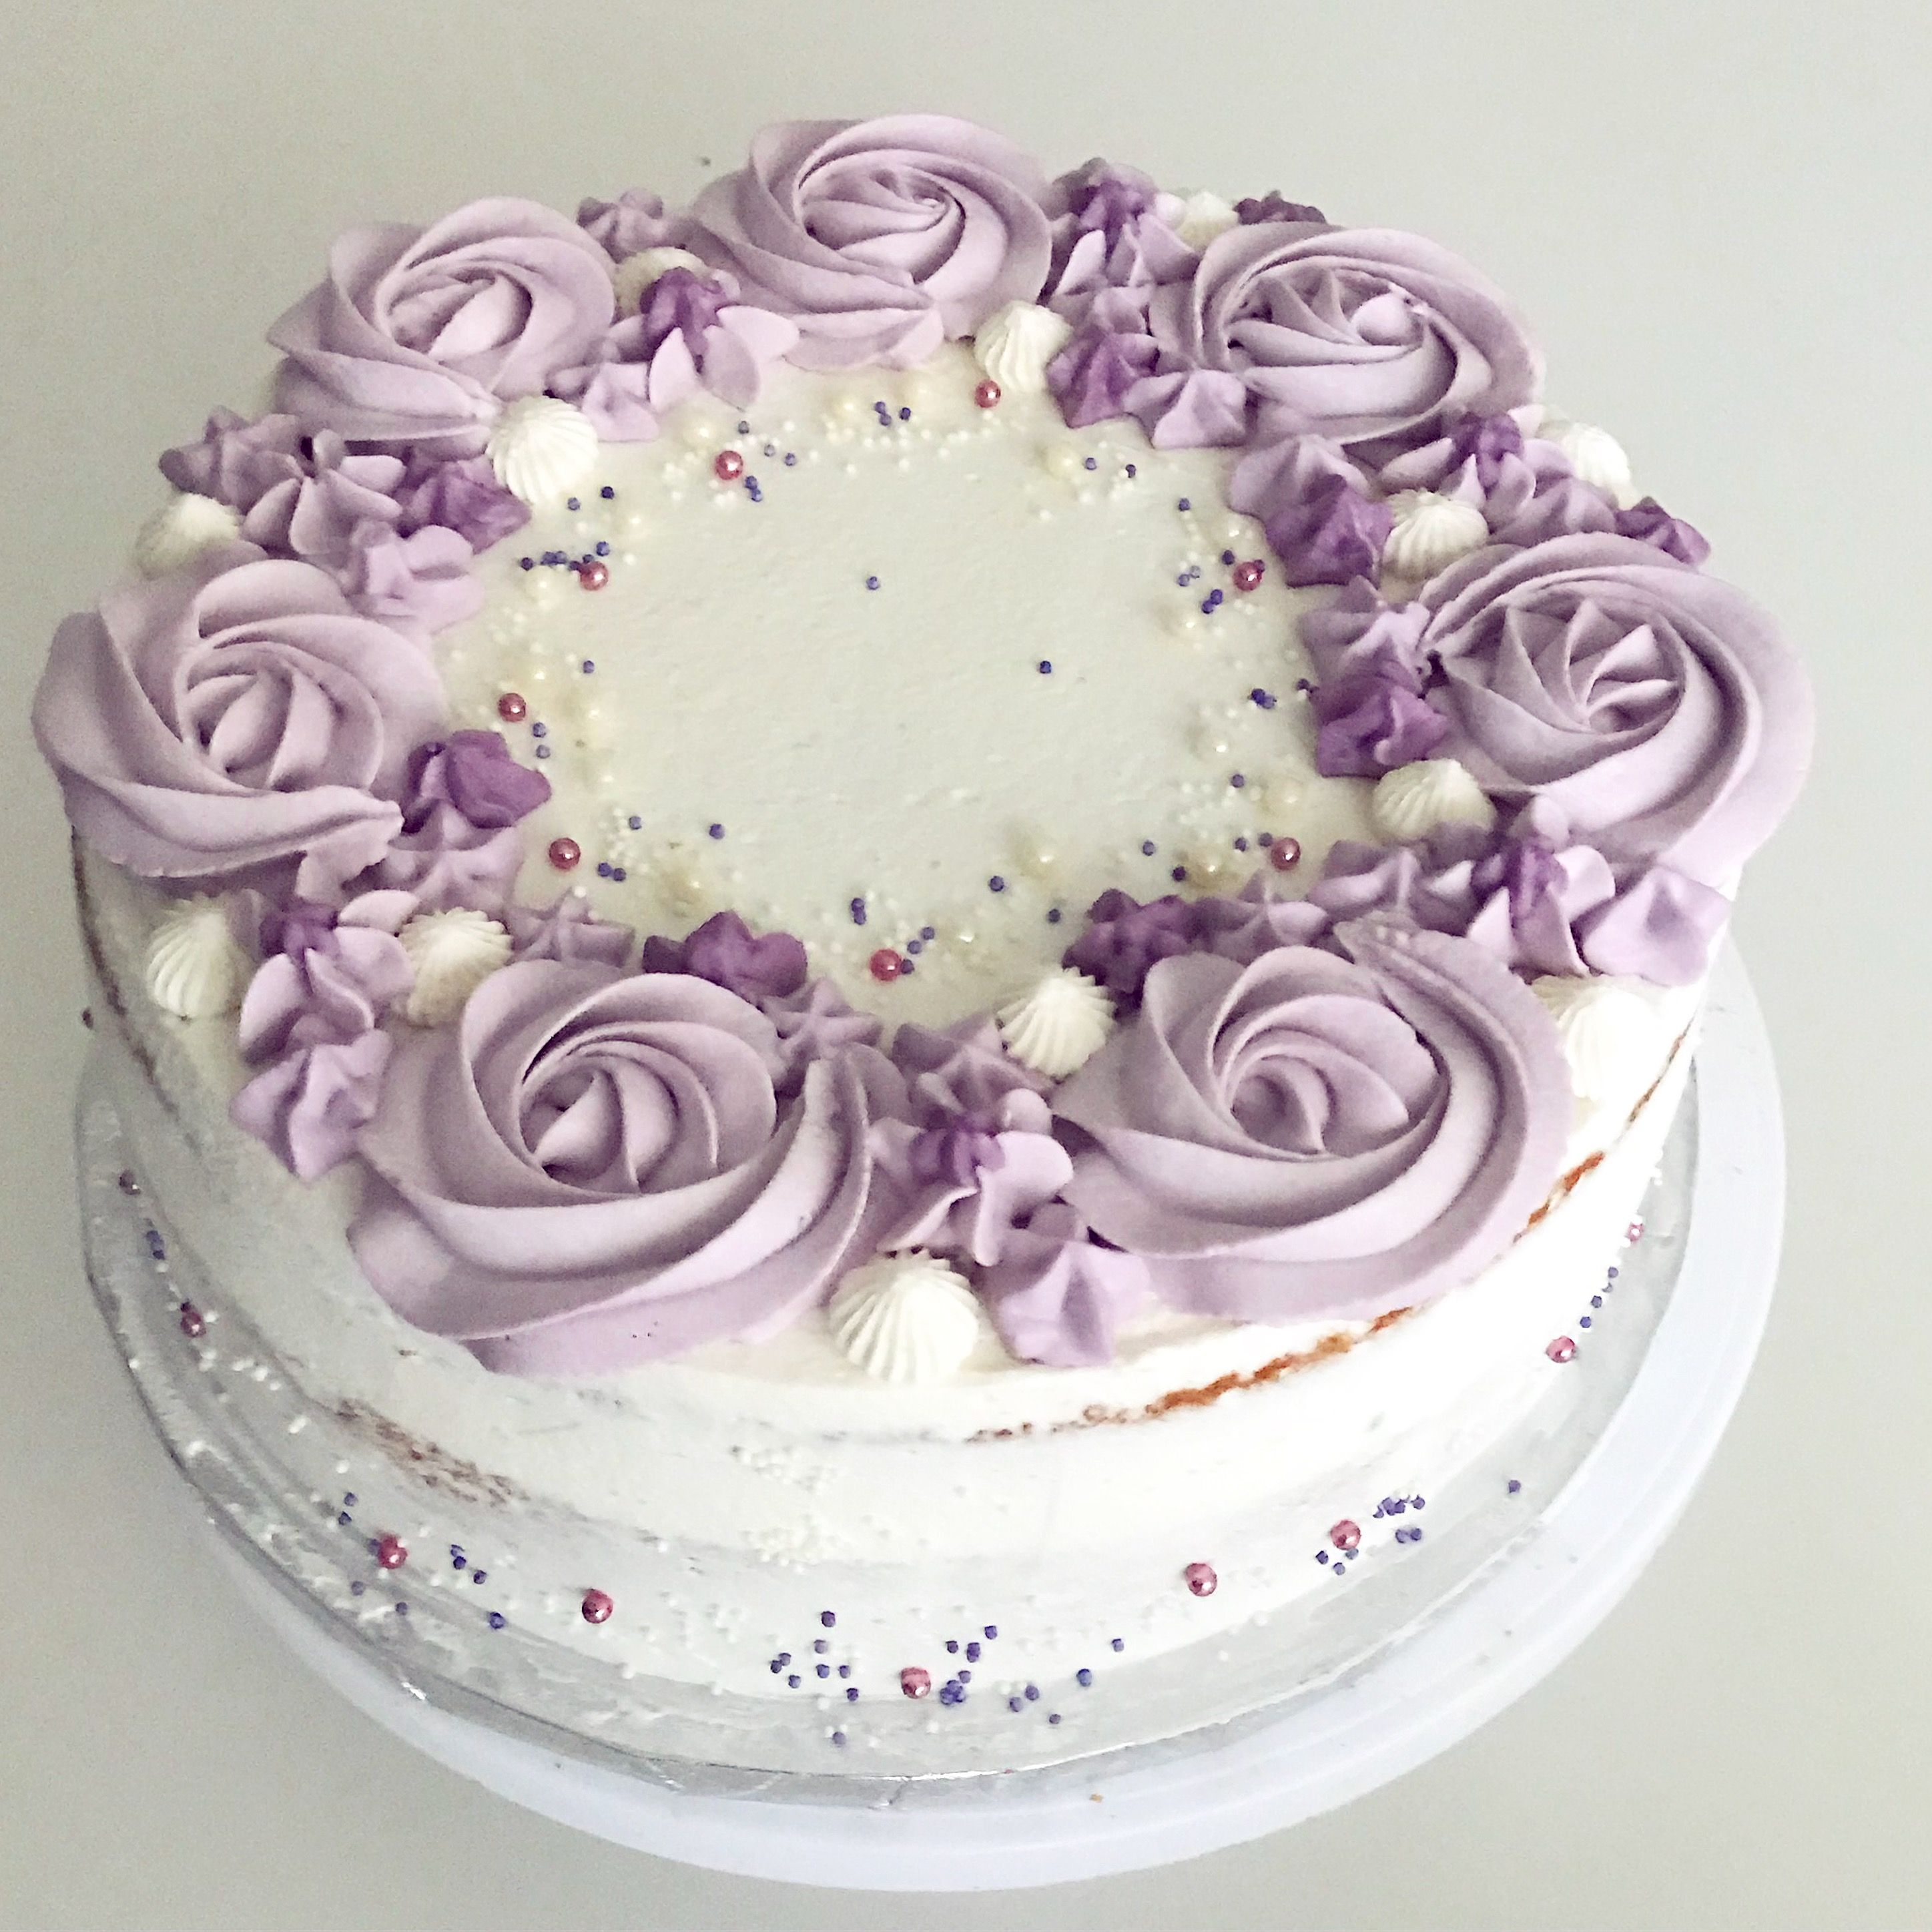 Rose Cream Layer Cake Cake Decorating Purple Flower Purple Cakes Birthday Purple Cakes Cake Decorating Roses